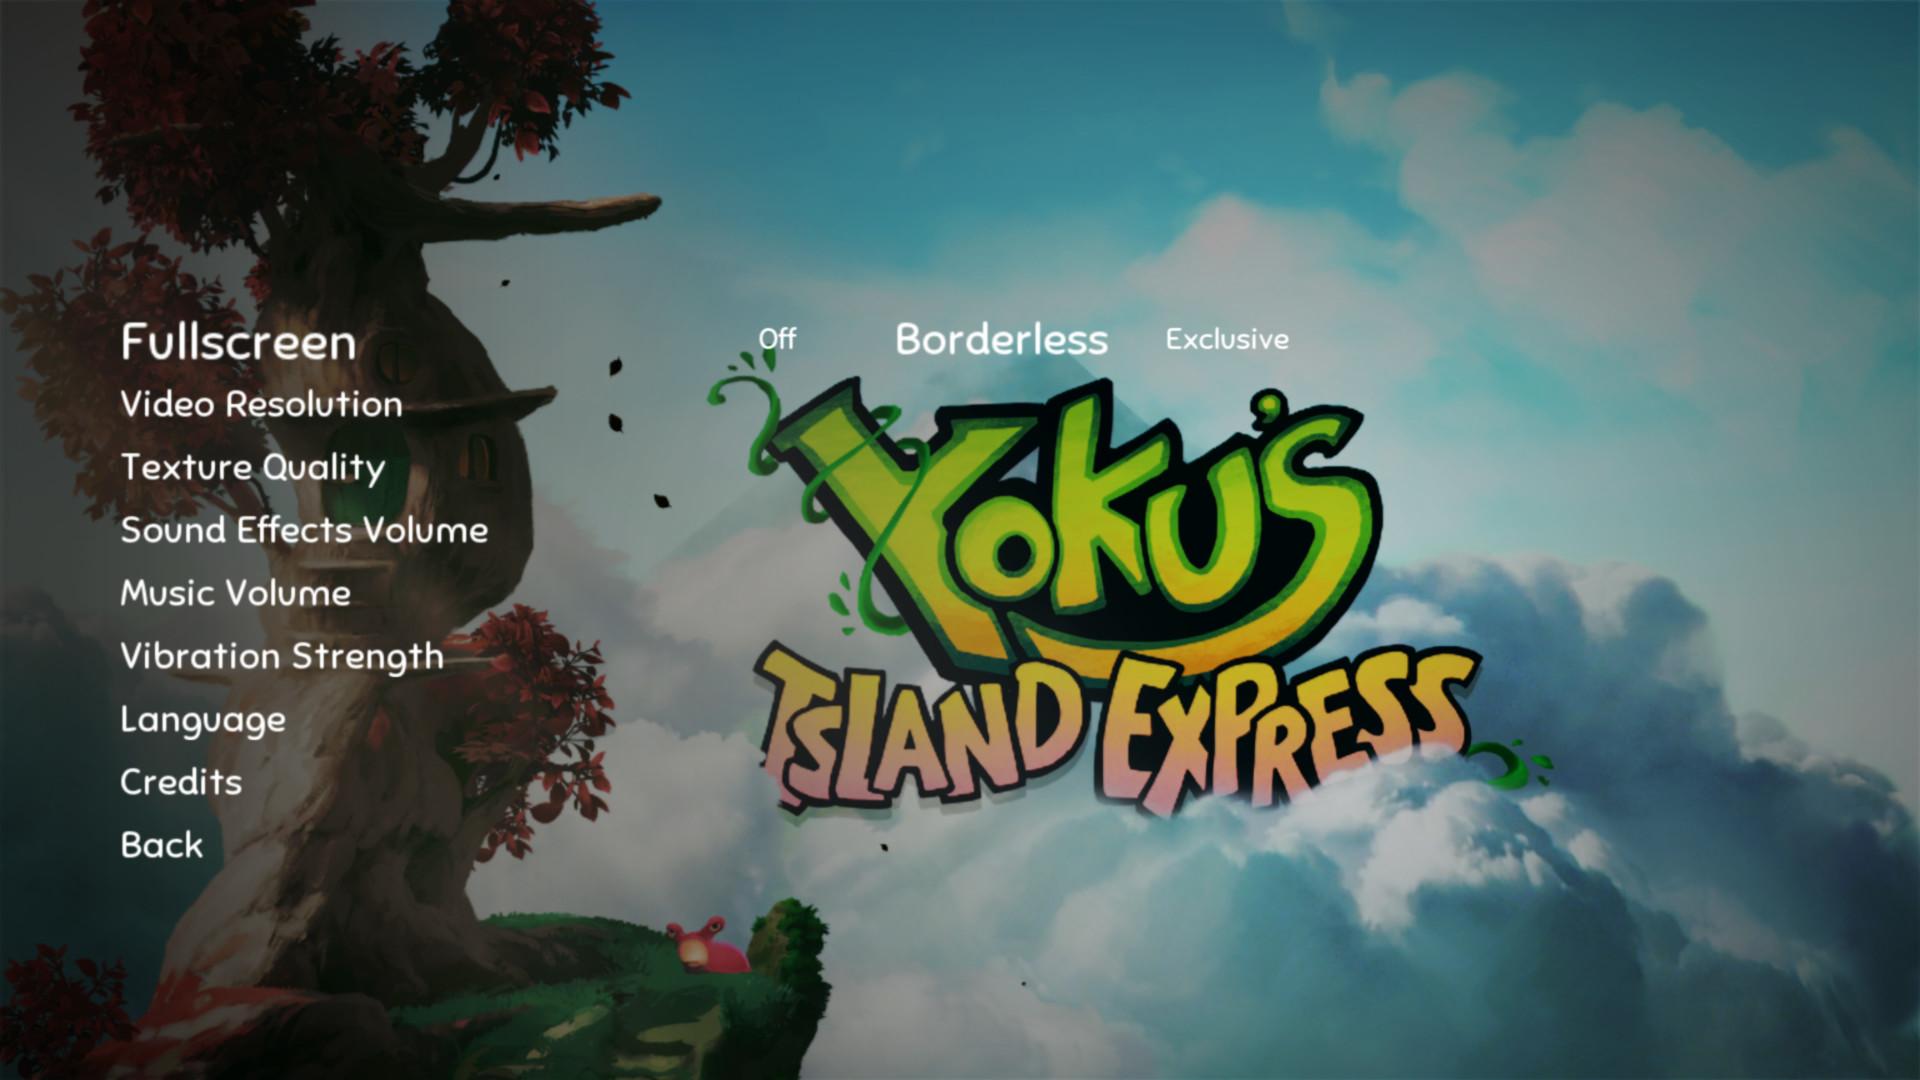 yokus-island-express-options